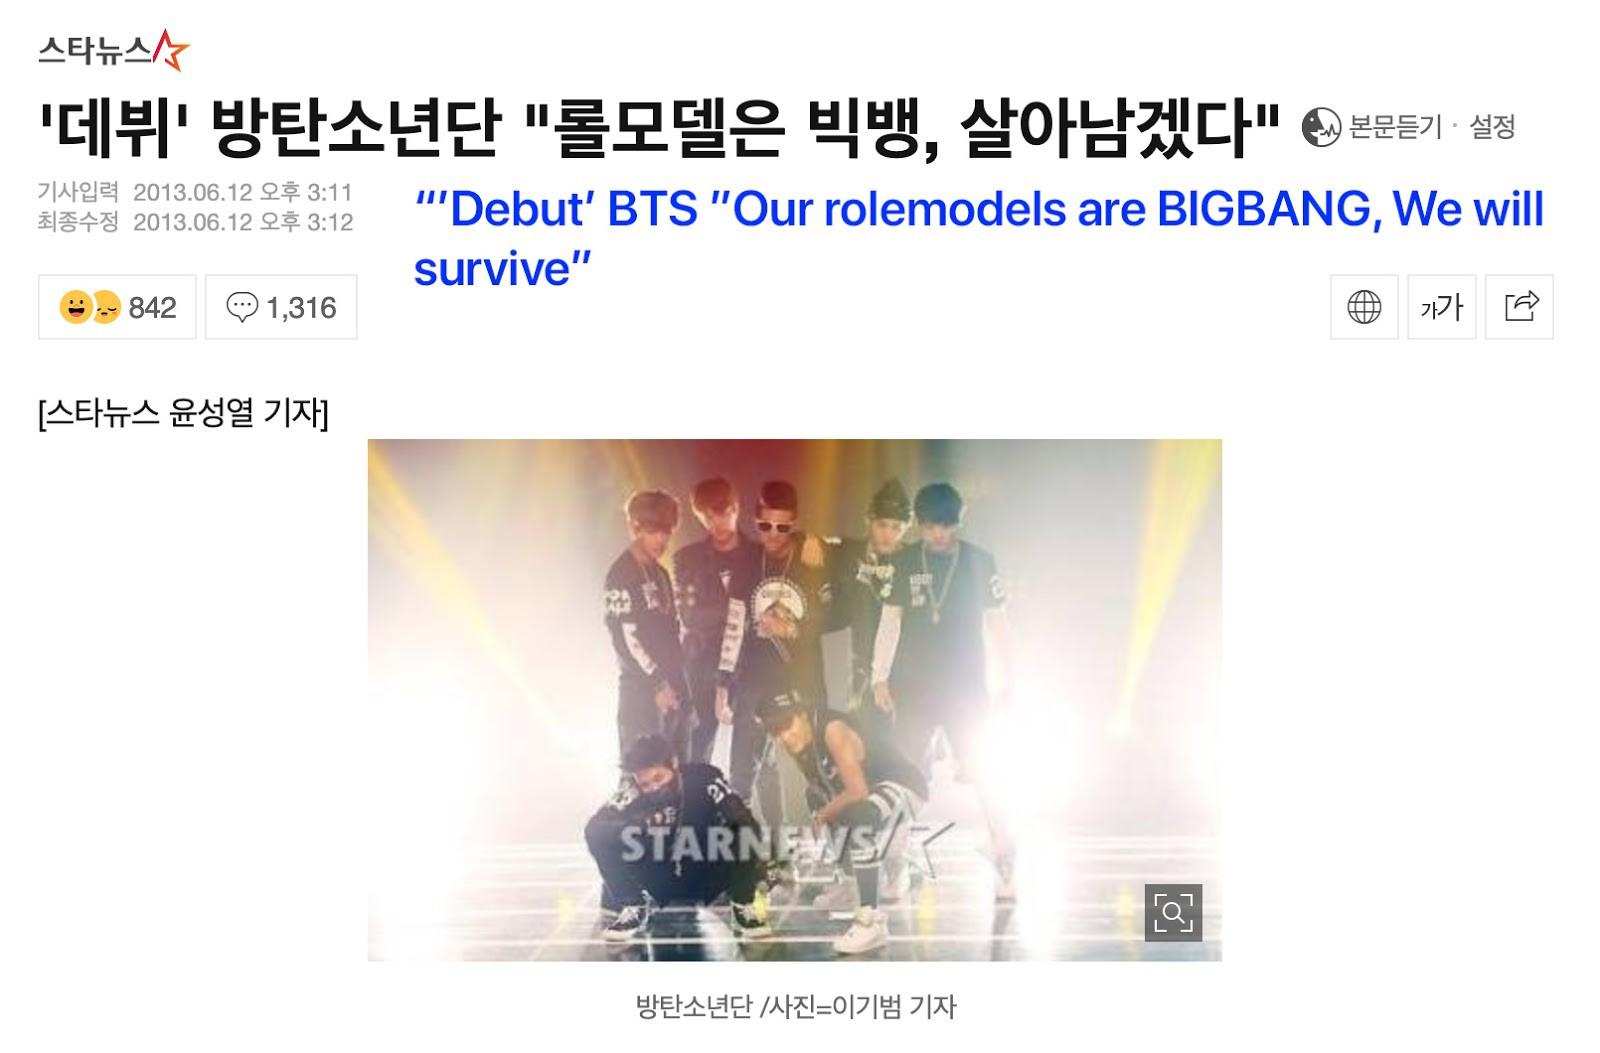 Rùng mình câu nói 6 năm trước của BTS sau chuỗi thành tích kỷ lục thế giới: Lời tiên đoán là có thật! - Ảnh 1.